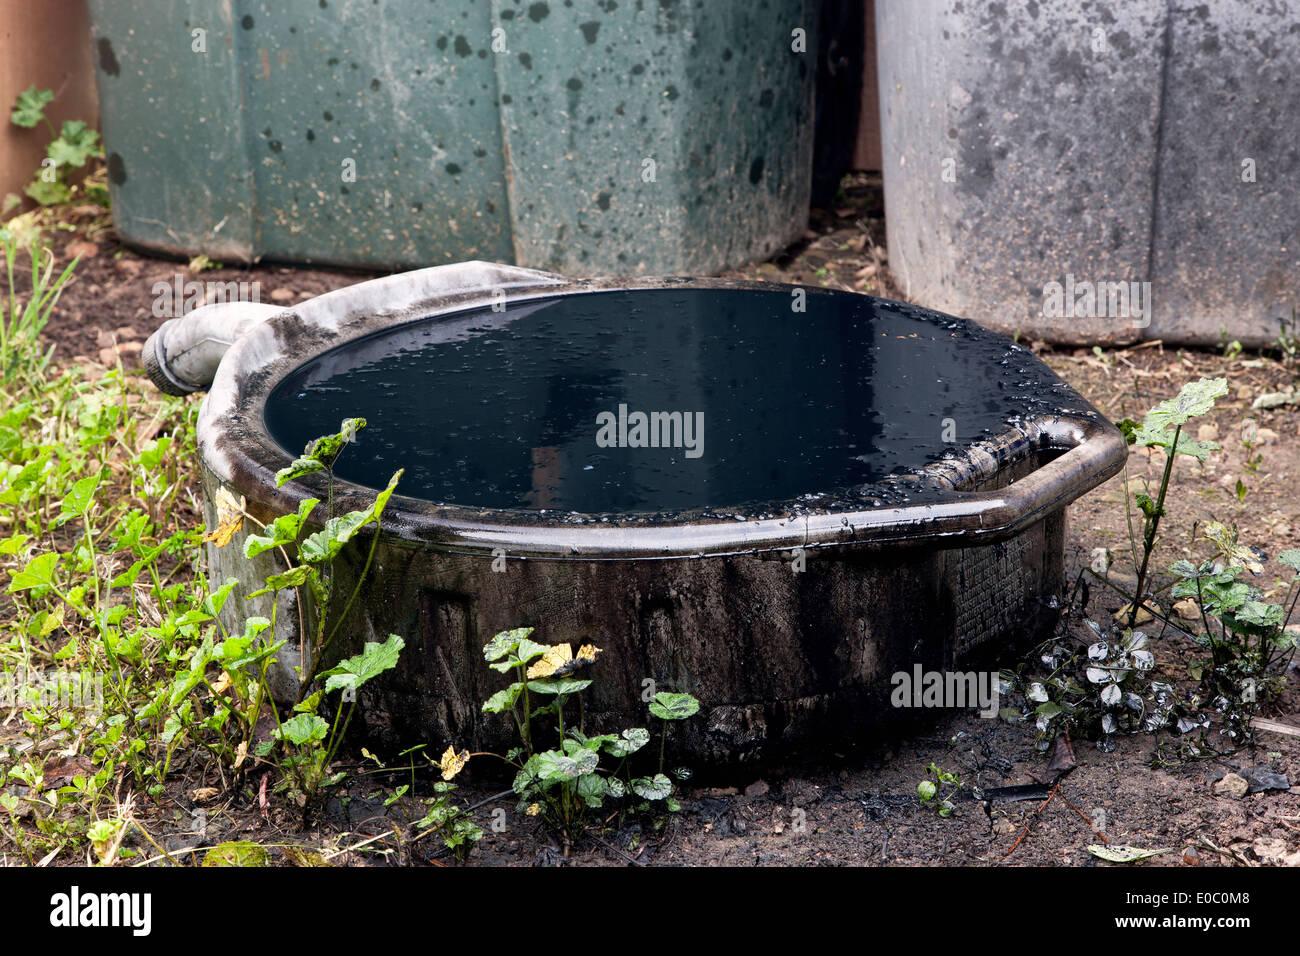 Vaschetta di scarico olio fuoriuscite, traboccante contenente sporco di olio motore. Immagini Stock